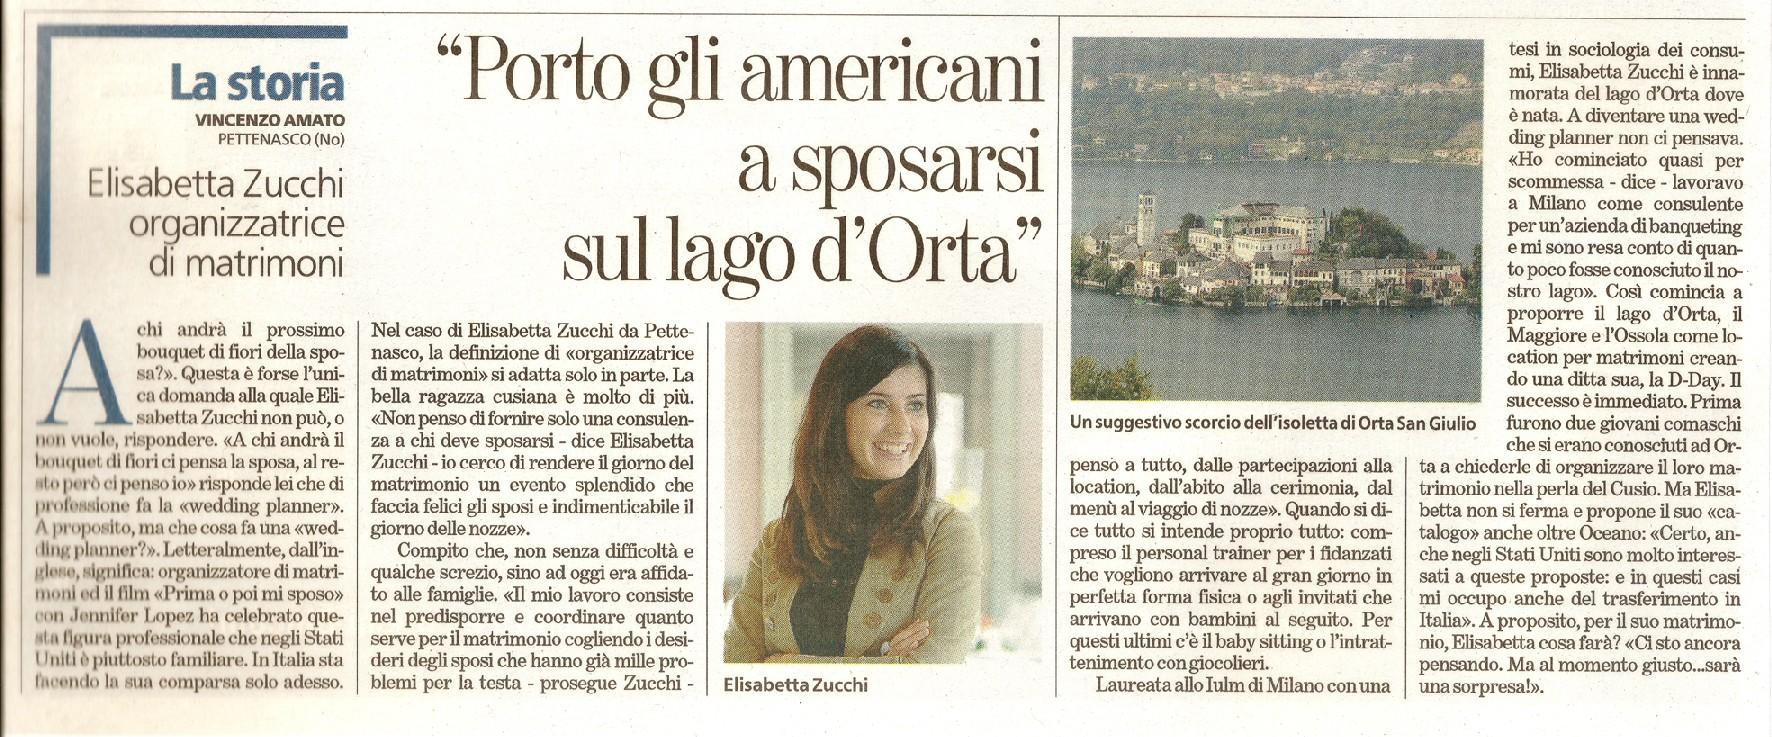 Elisabetta Zucchi Wedding Planner Header